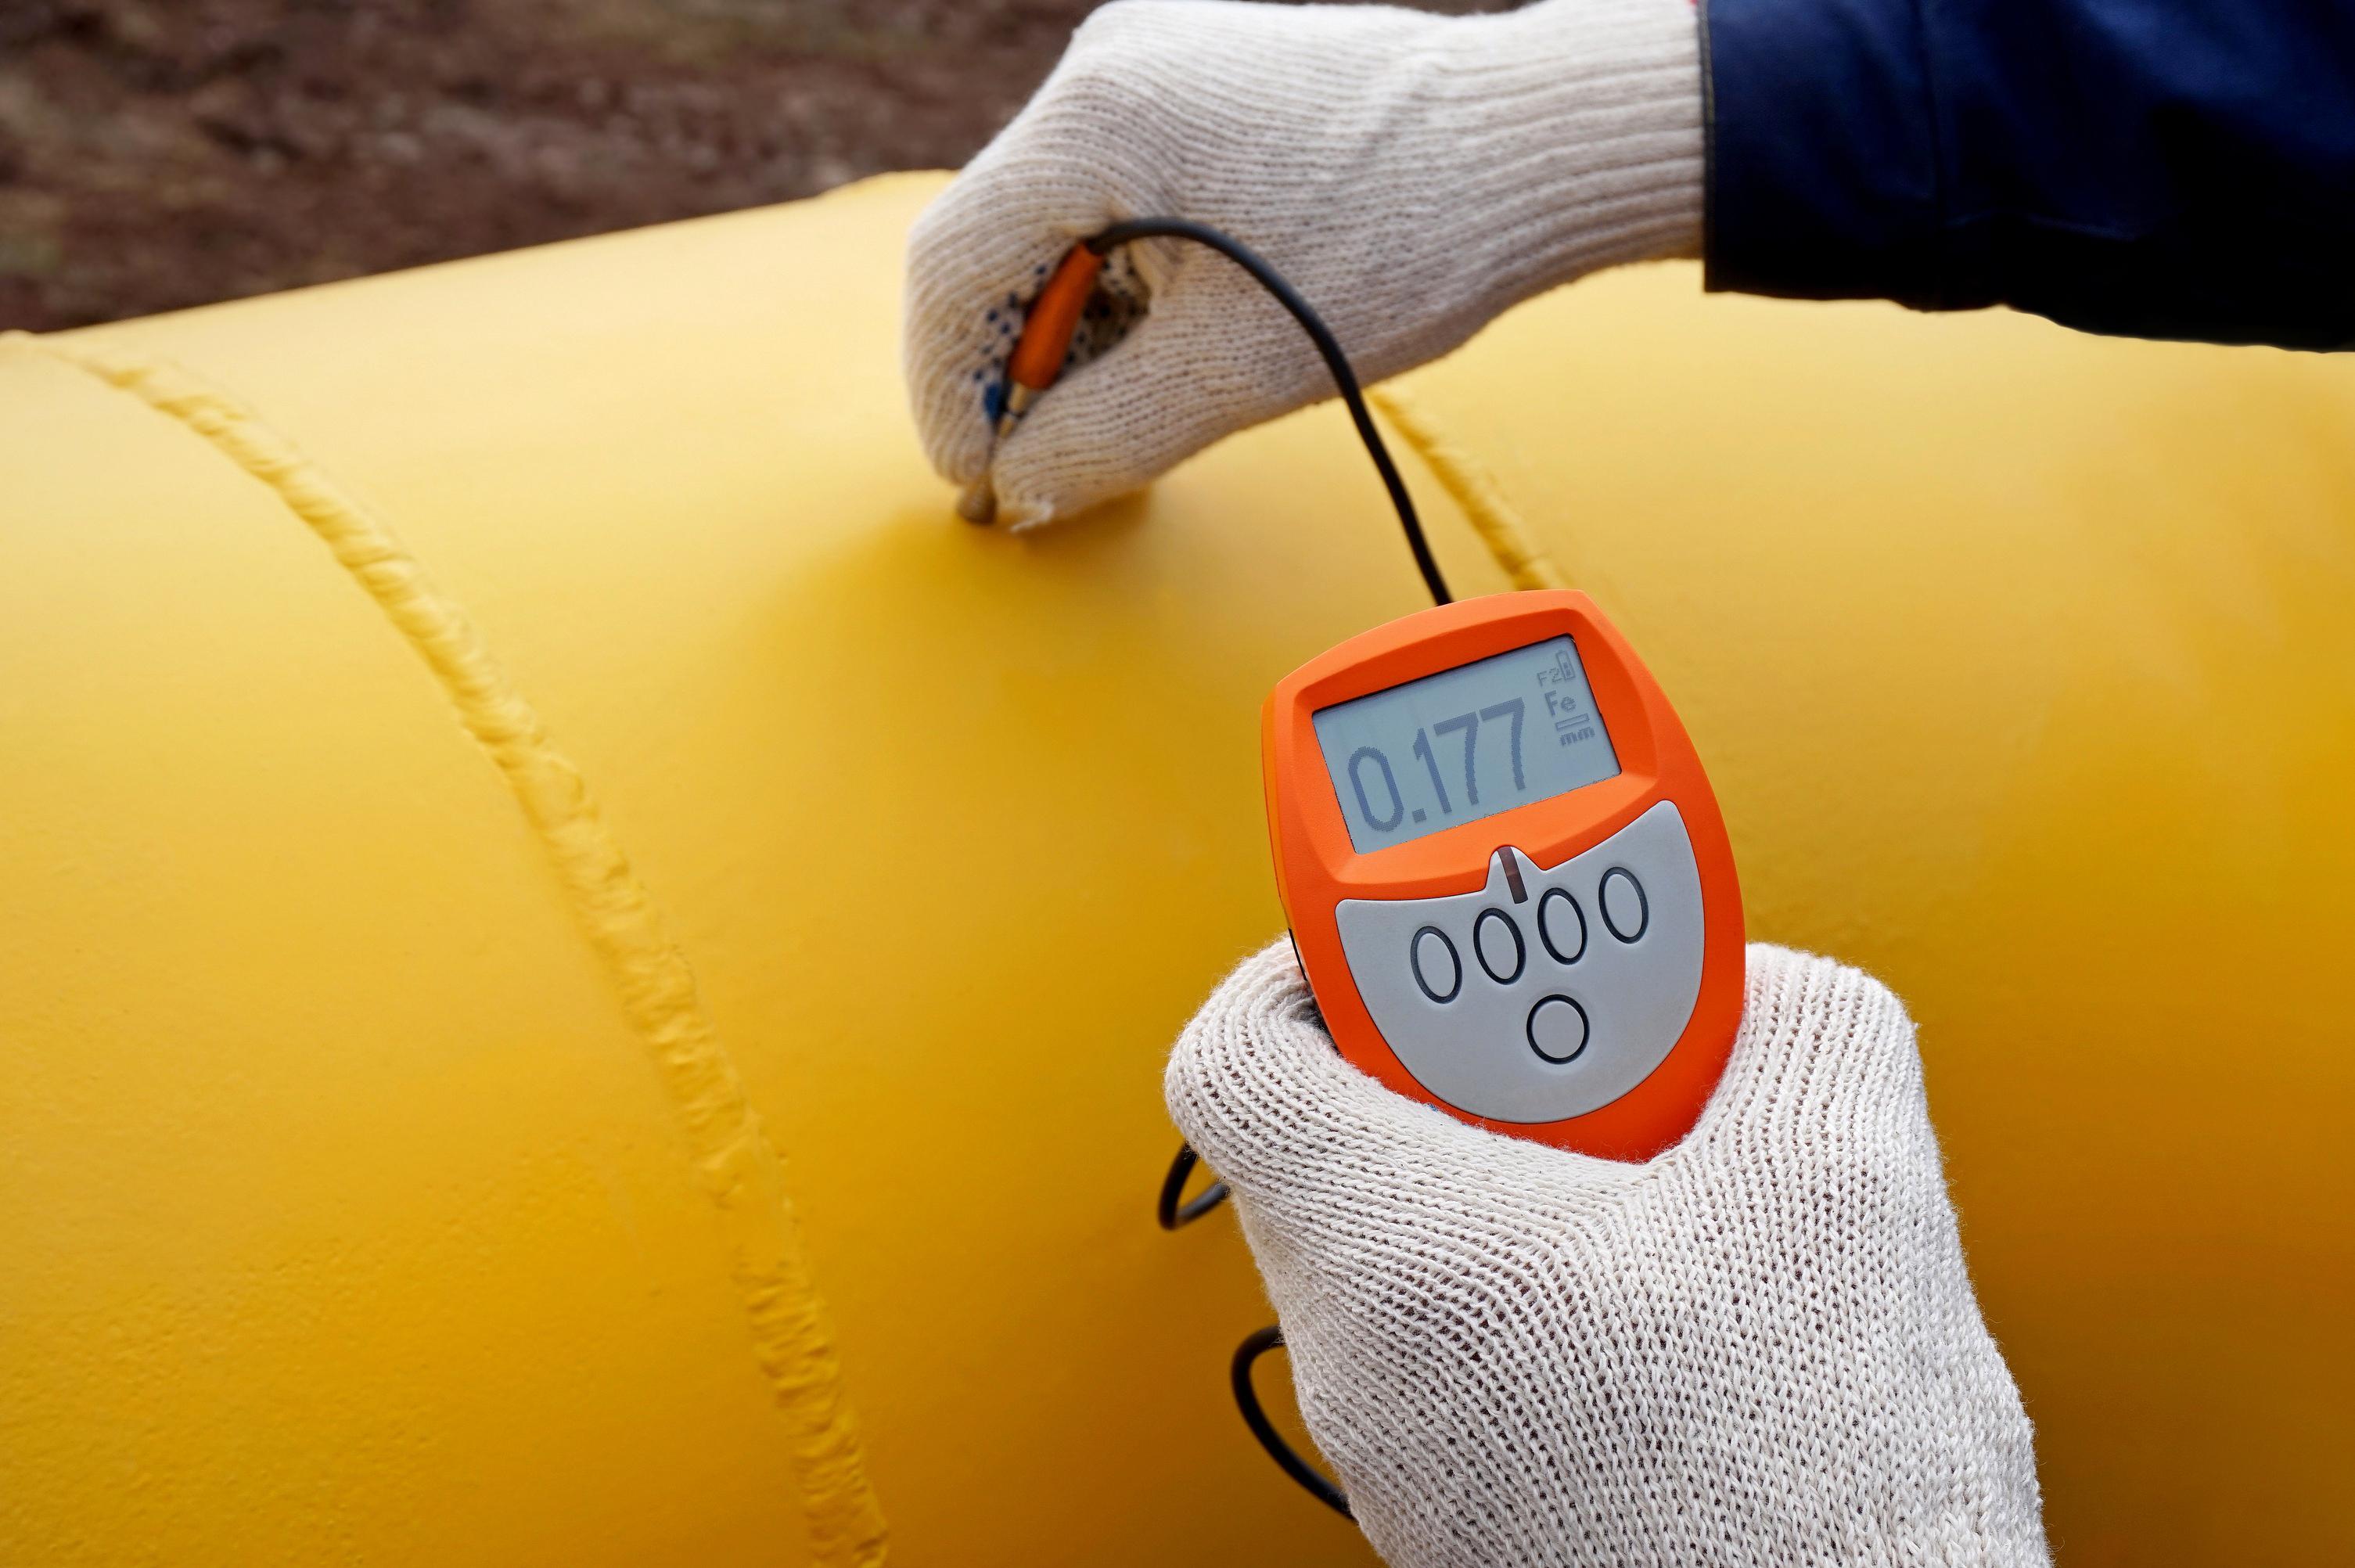 Kalvonpaksuuden mittauksella voidaan selvittää maalikalvojen paksuus.